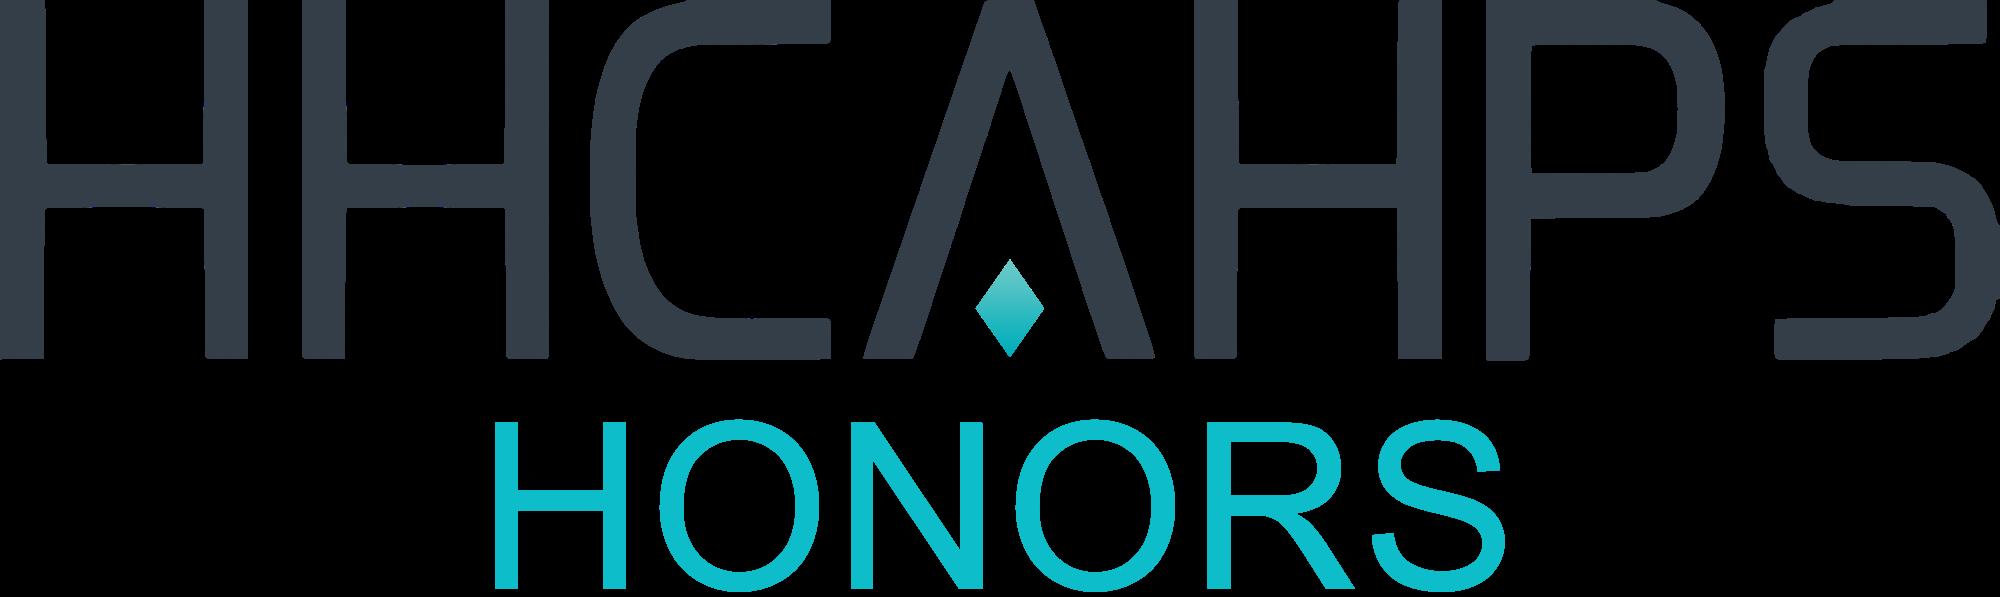 HHCAHPS_Award-300x257.png